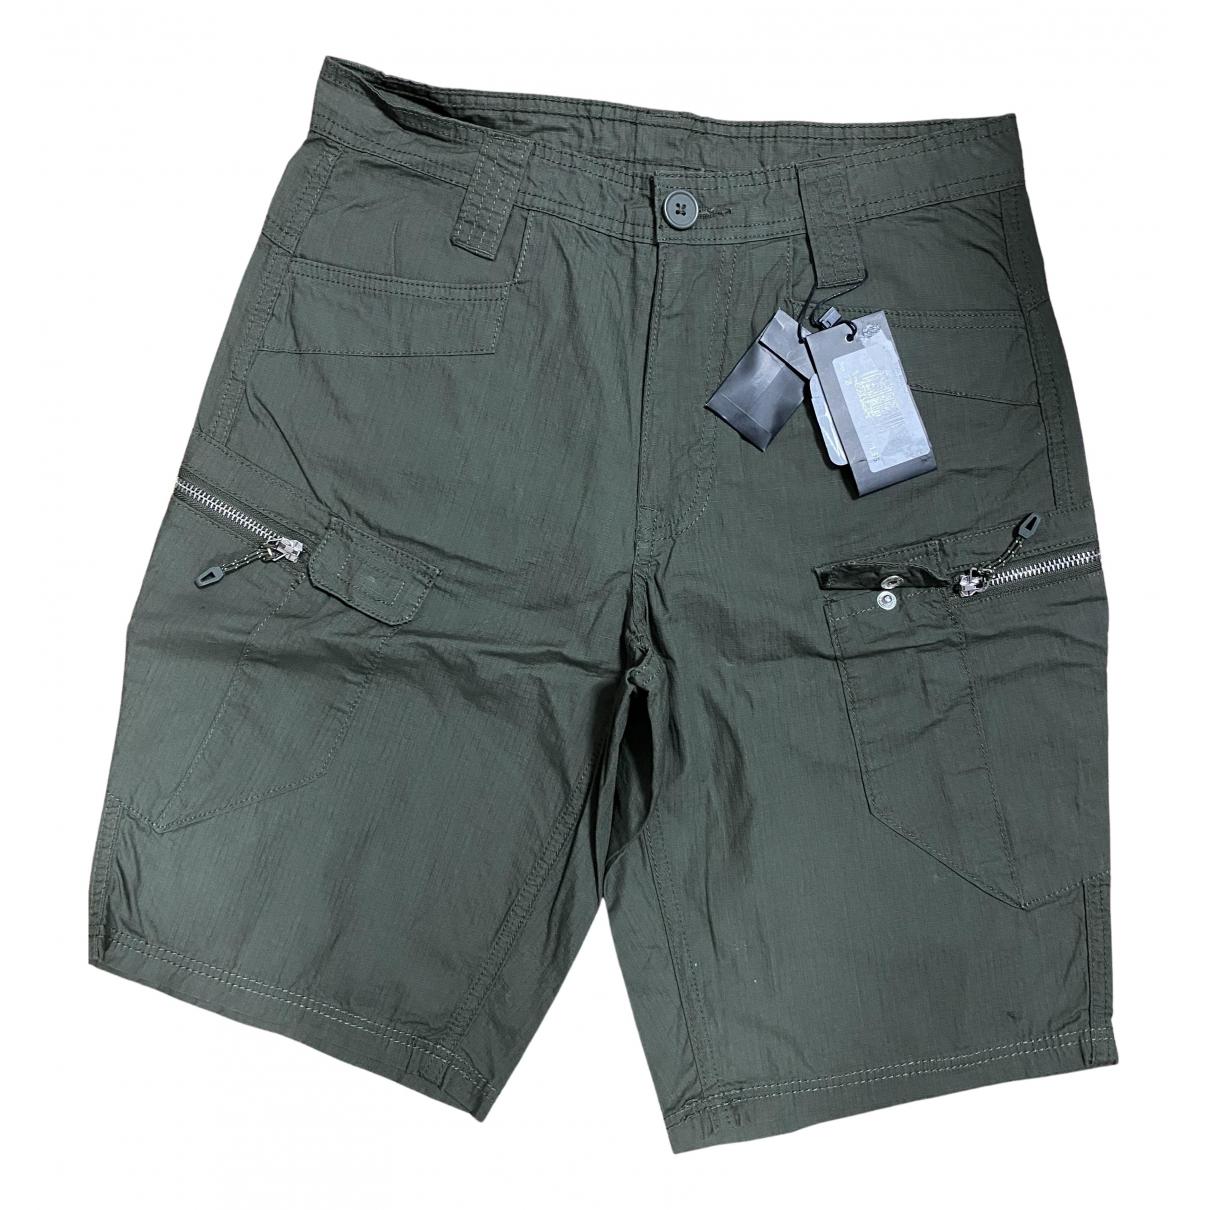 Emporio Armani N Khaki Cotton Shorts for Men 28 UK - US